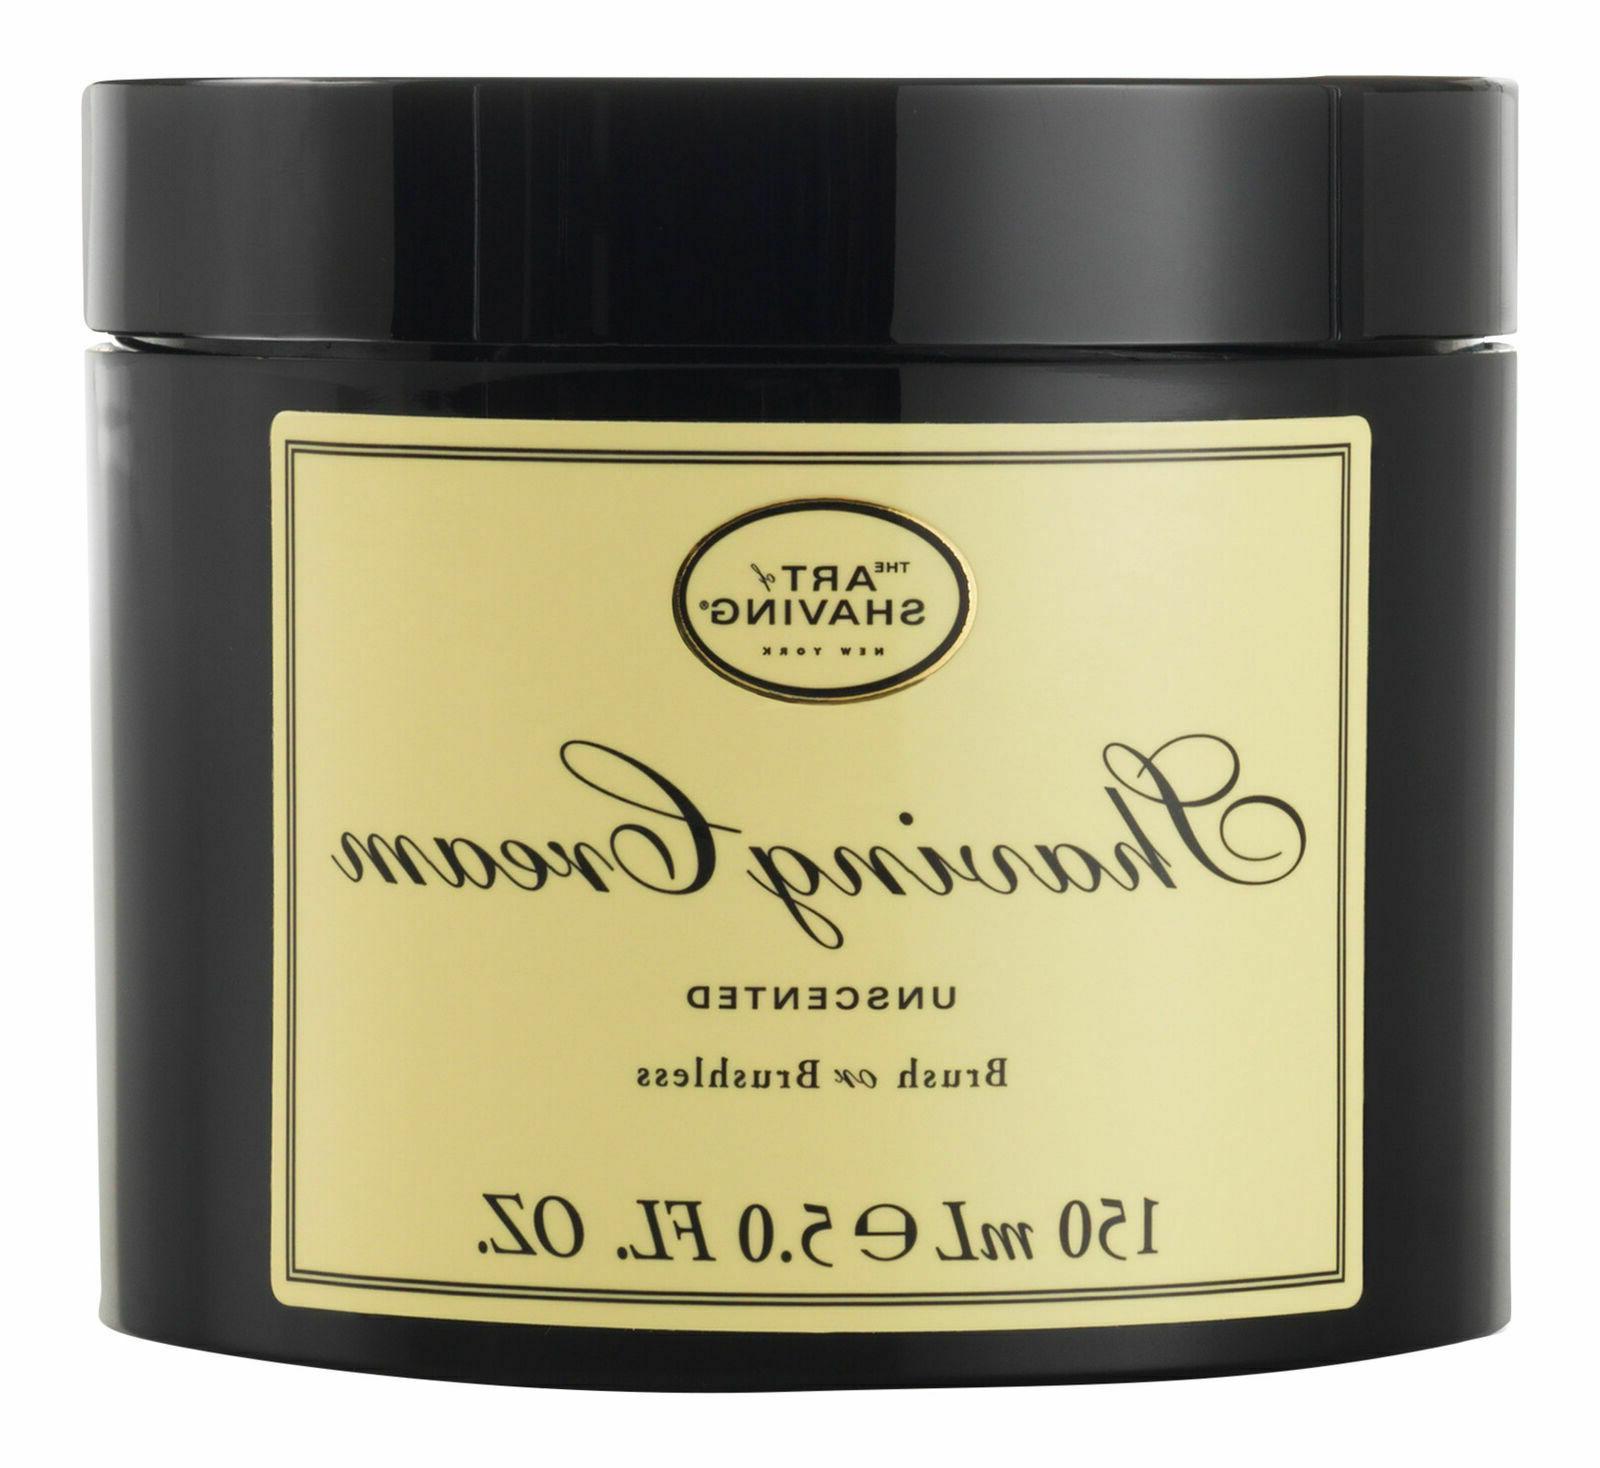 shaving cream unscented 5 oz shaving cream